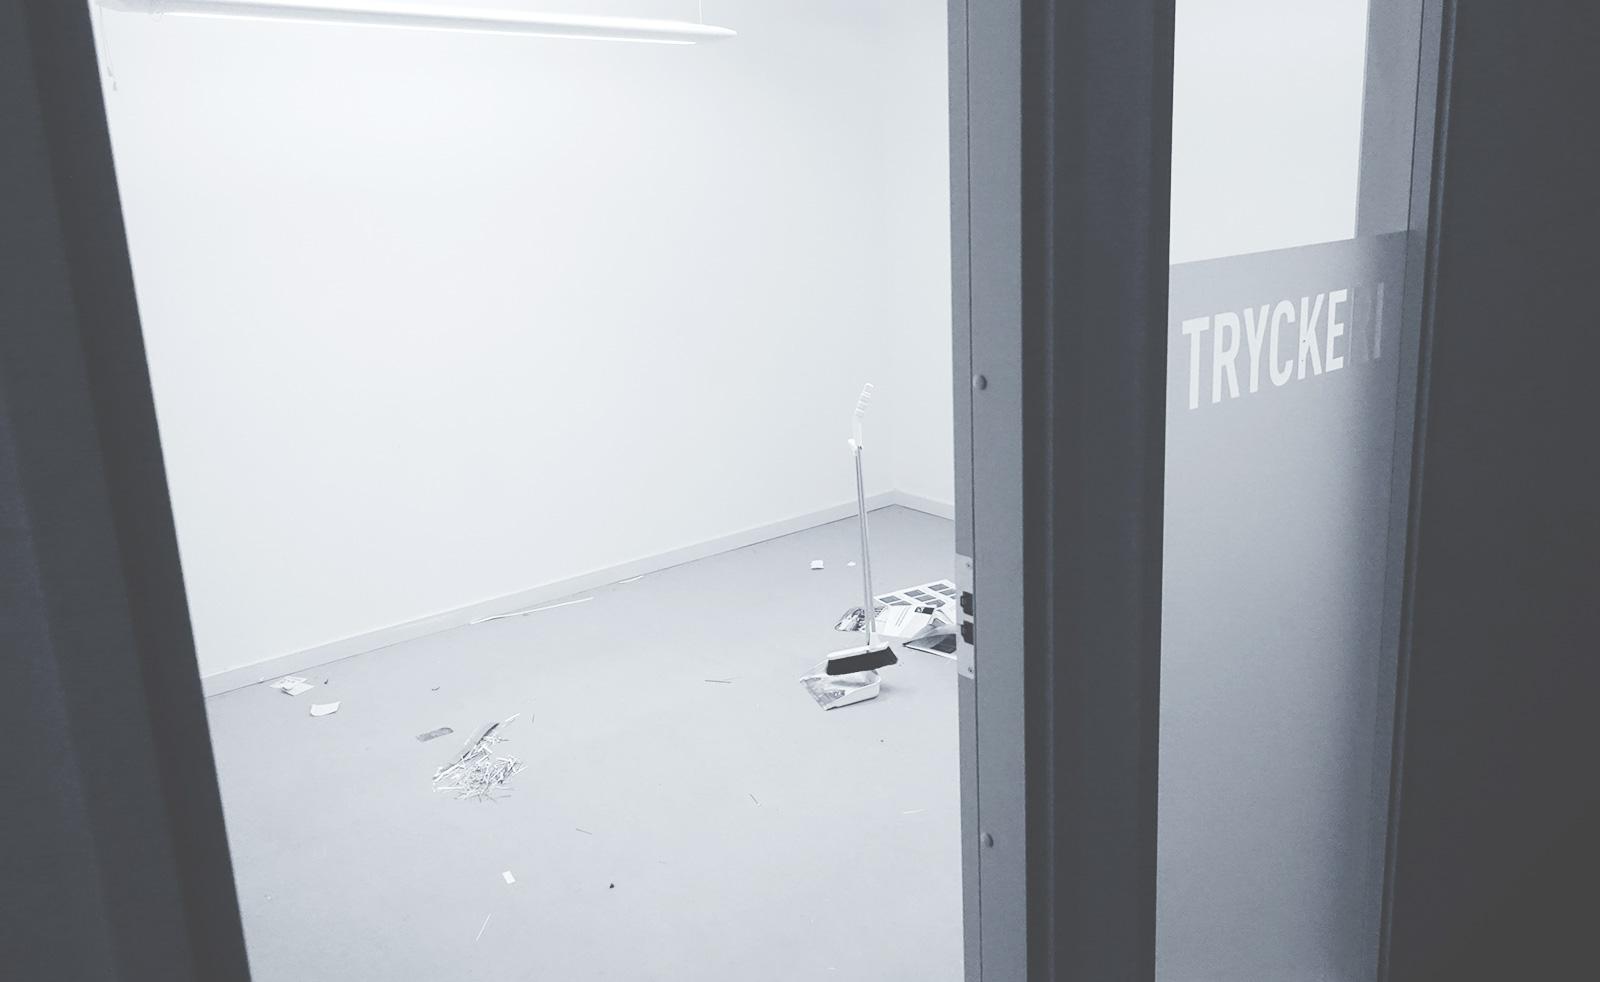 byebye-hello-02